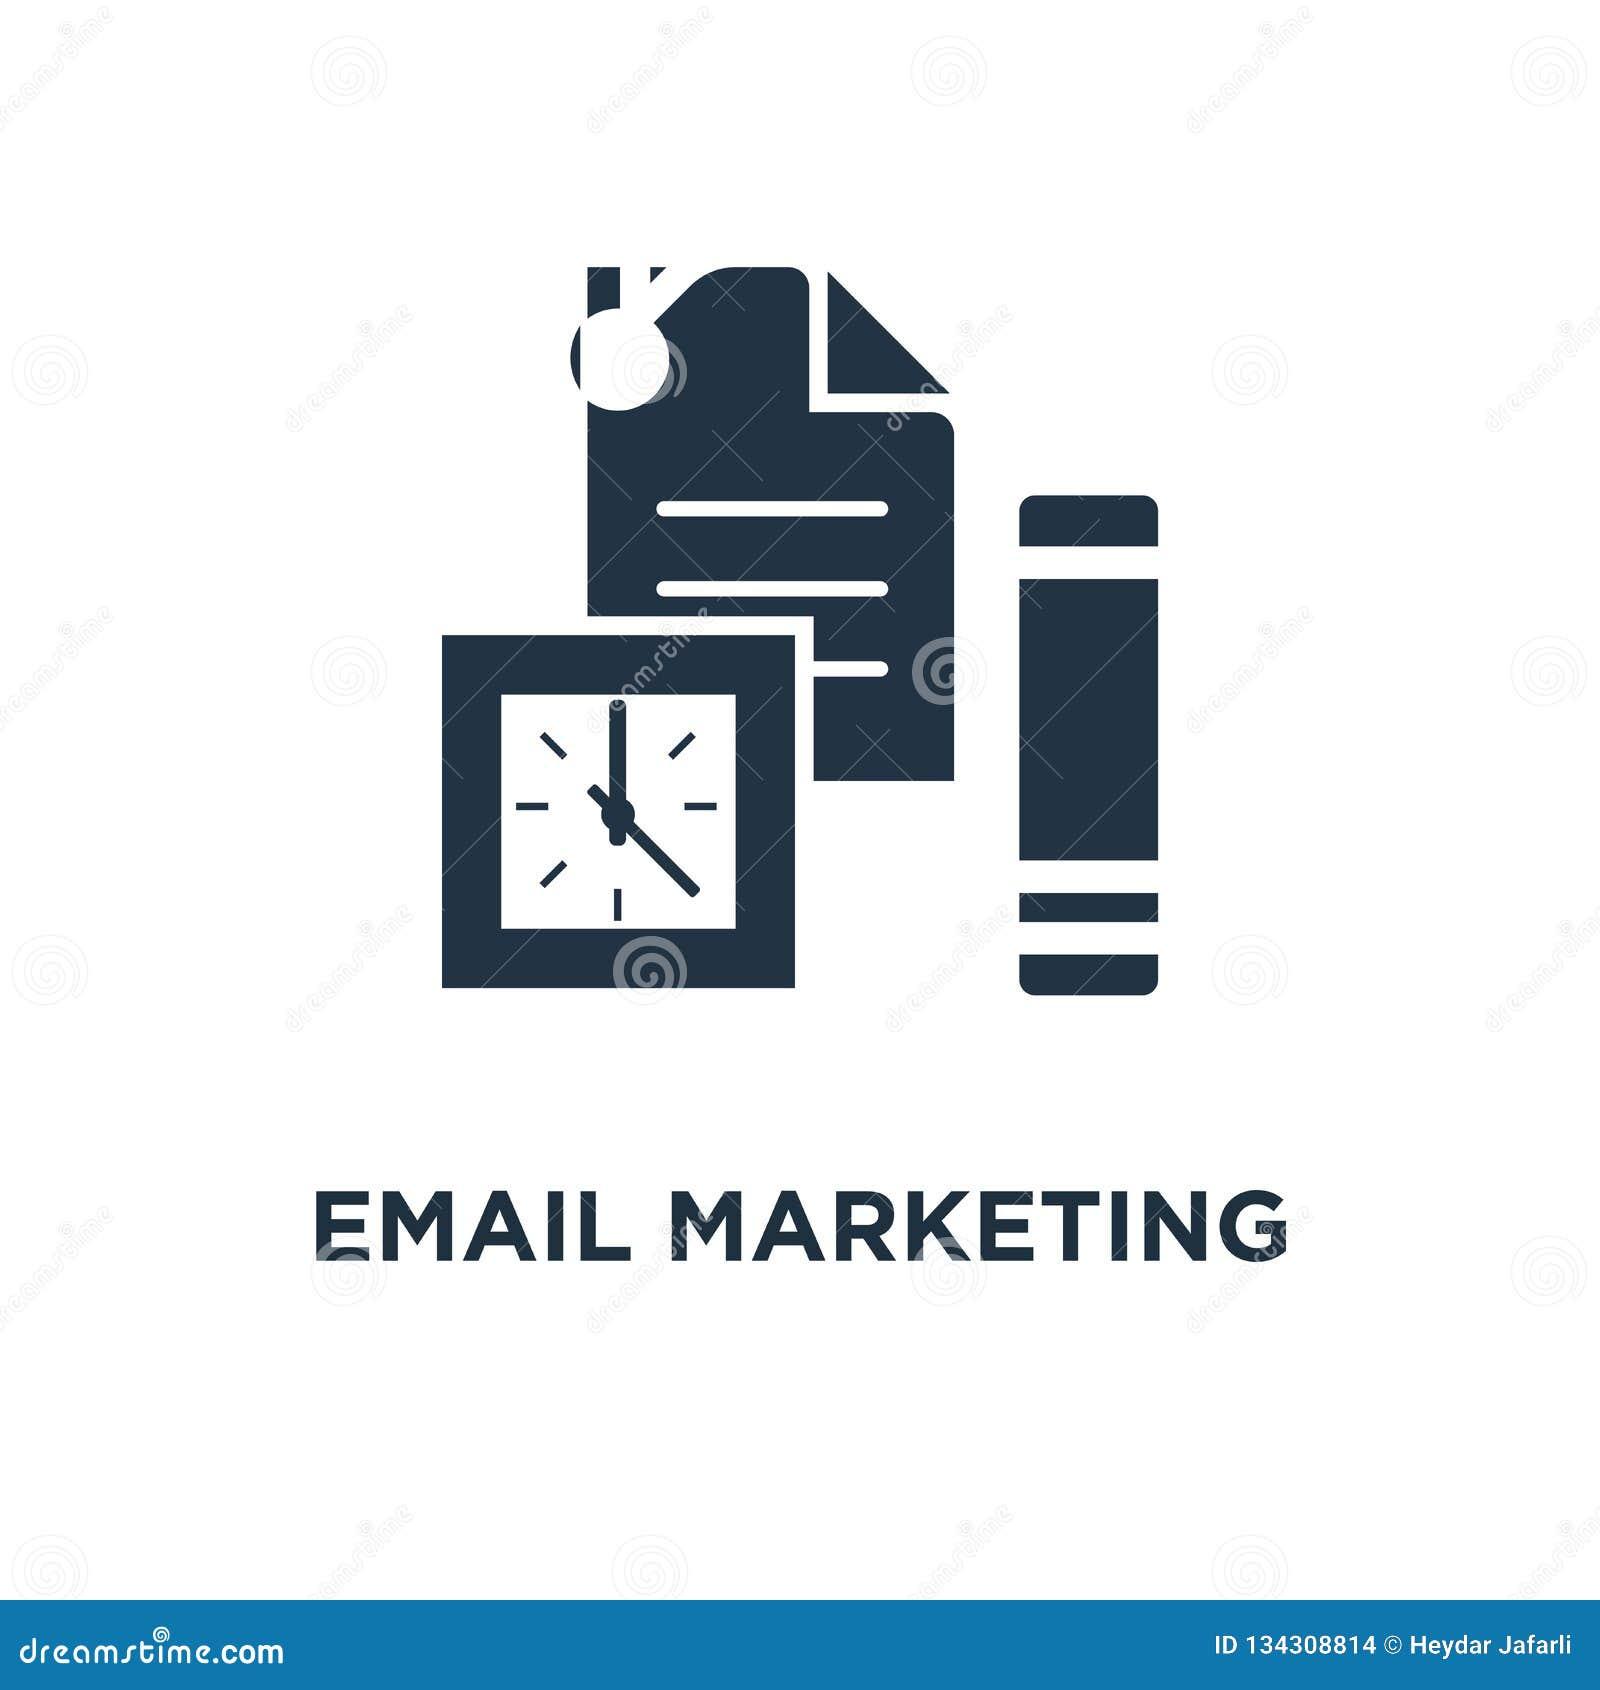 Email strategii marketingowej ikona gazetka, cyber przestępstwo, spam szturmowa ochrona, oszustwo technologii pojęcia symbolu pro